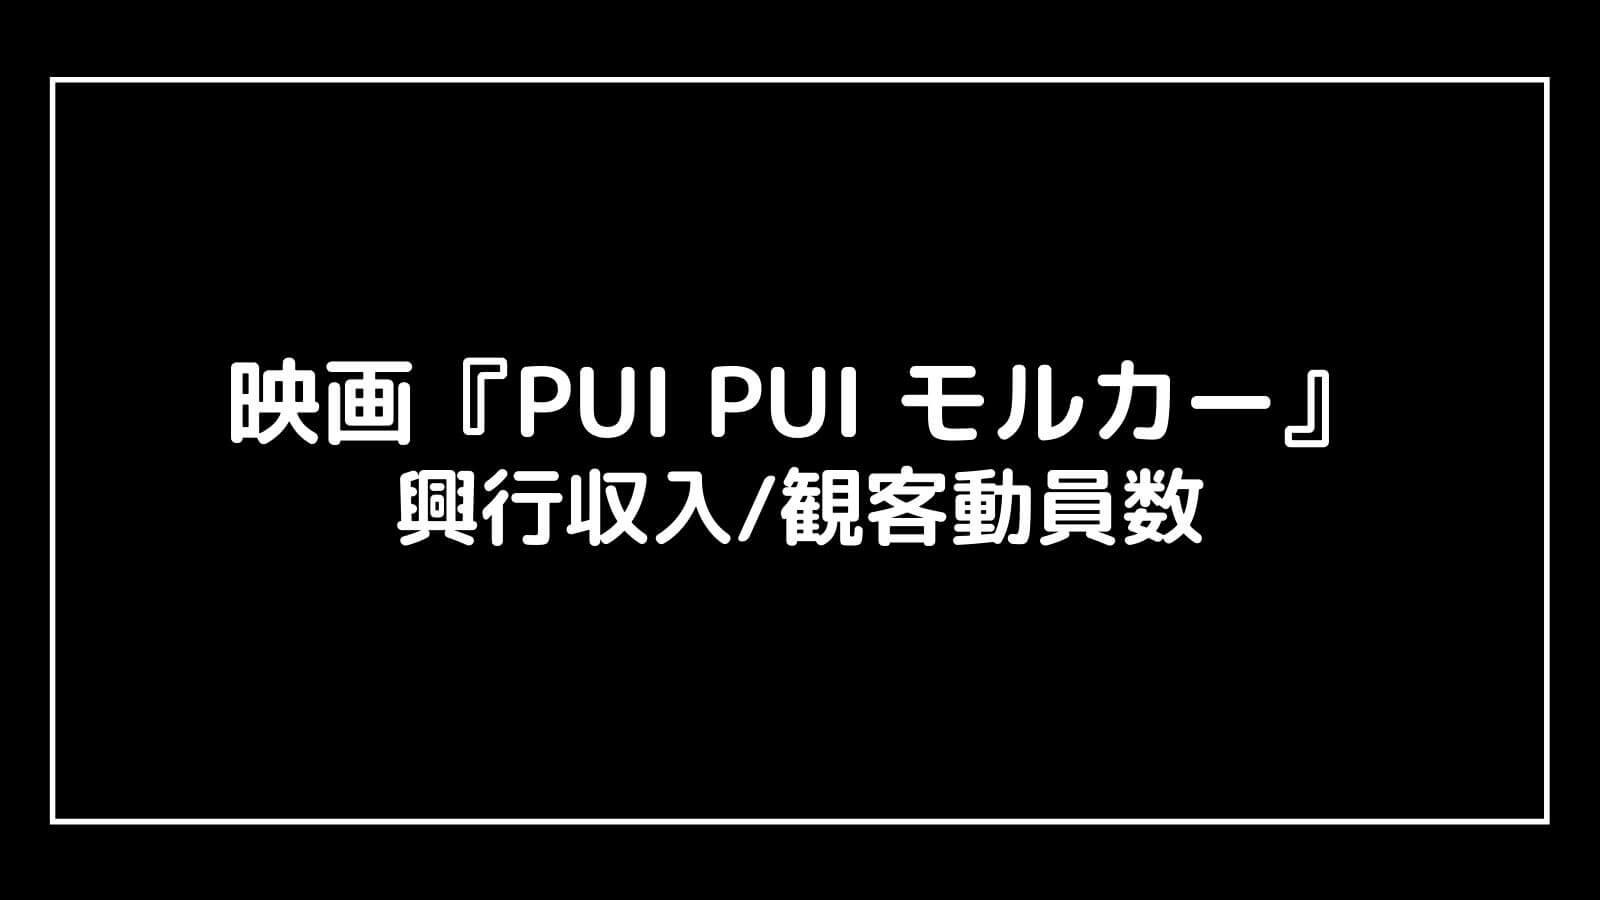 映画『PUI PUI モルカー』興行収入推移と最終興収を元映画館社員が予想